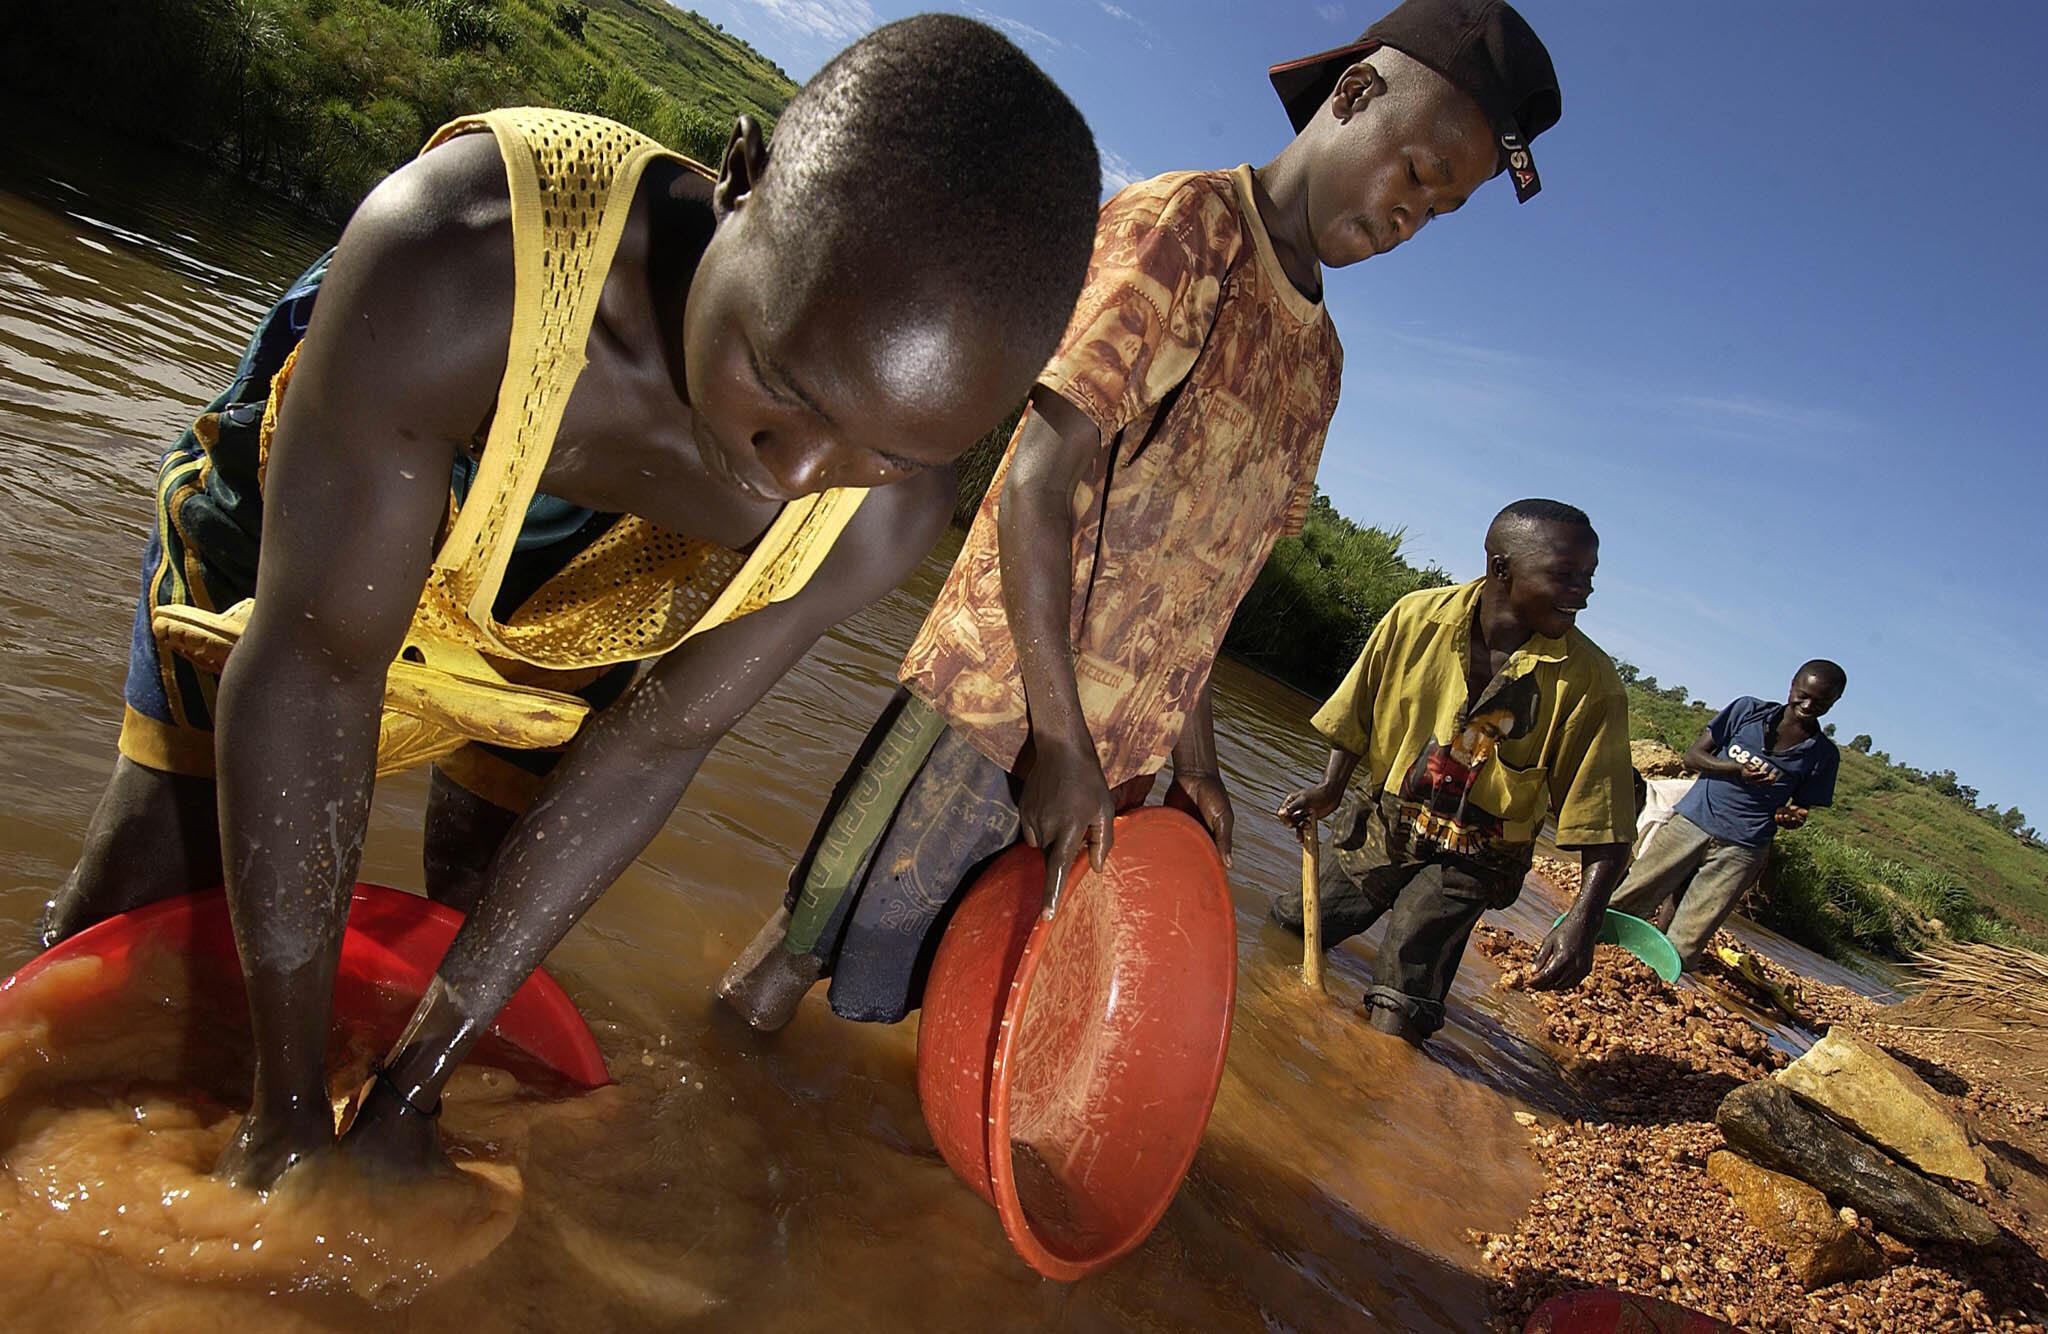 Búsqueda de oro por mineros en el Congo.